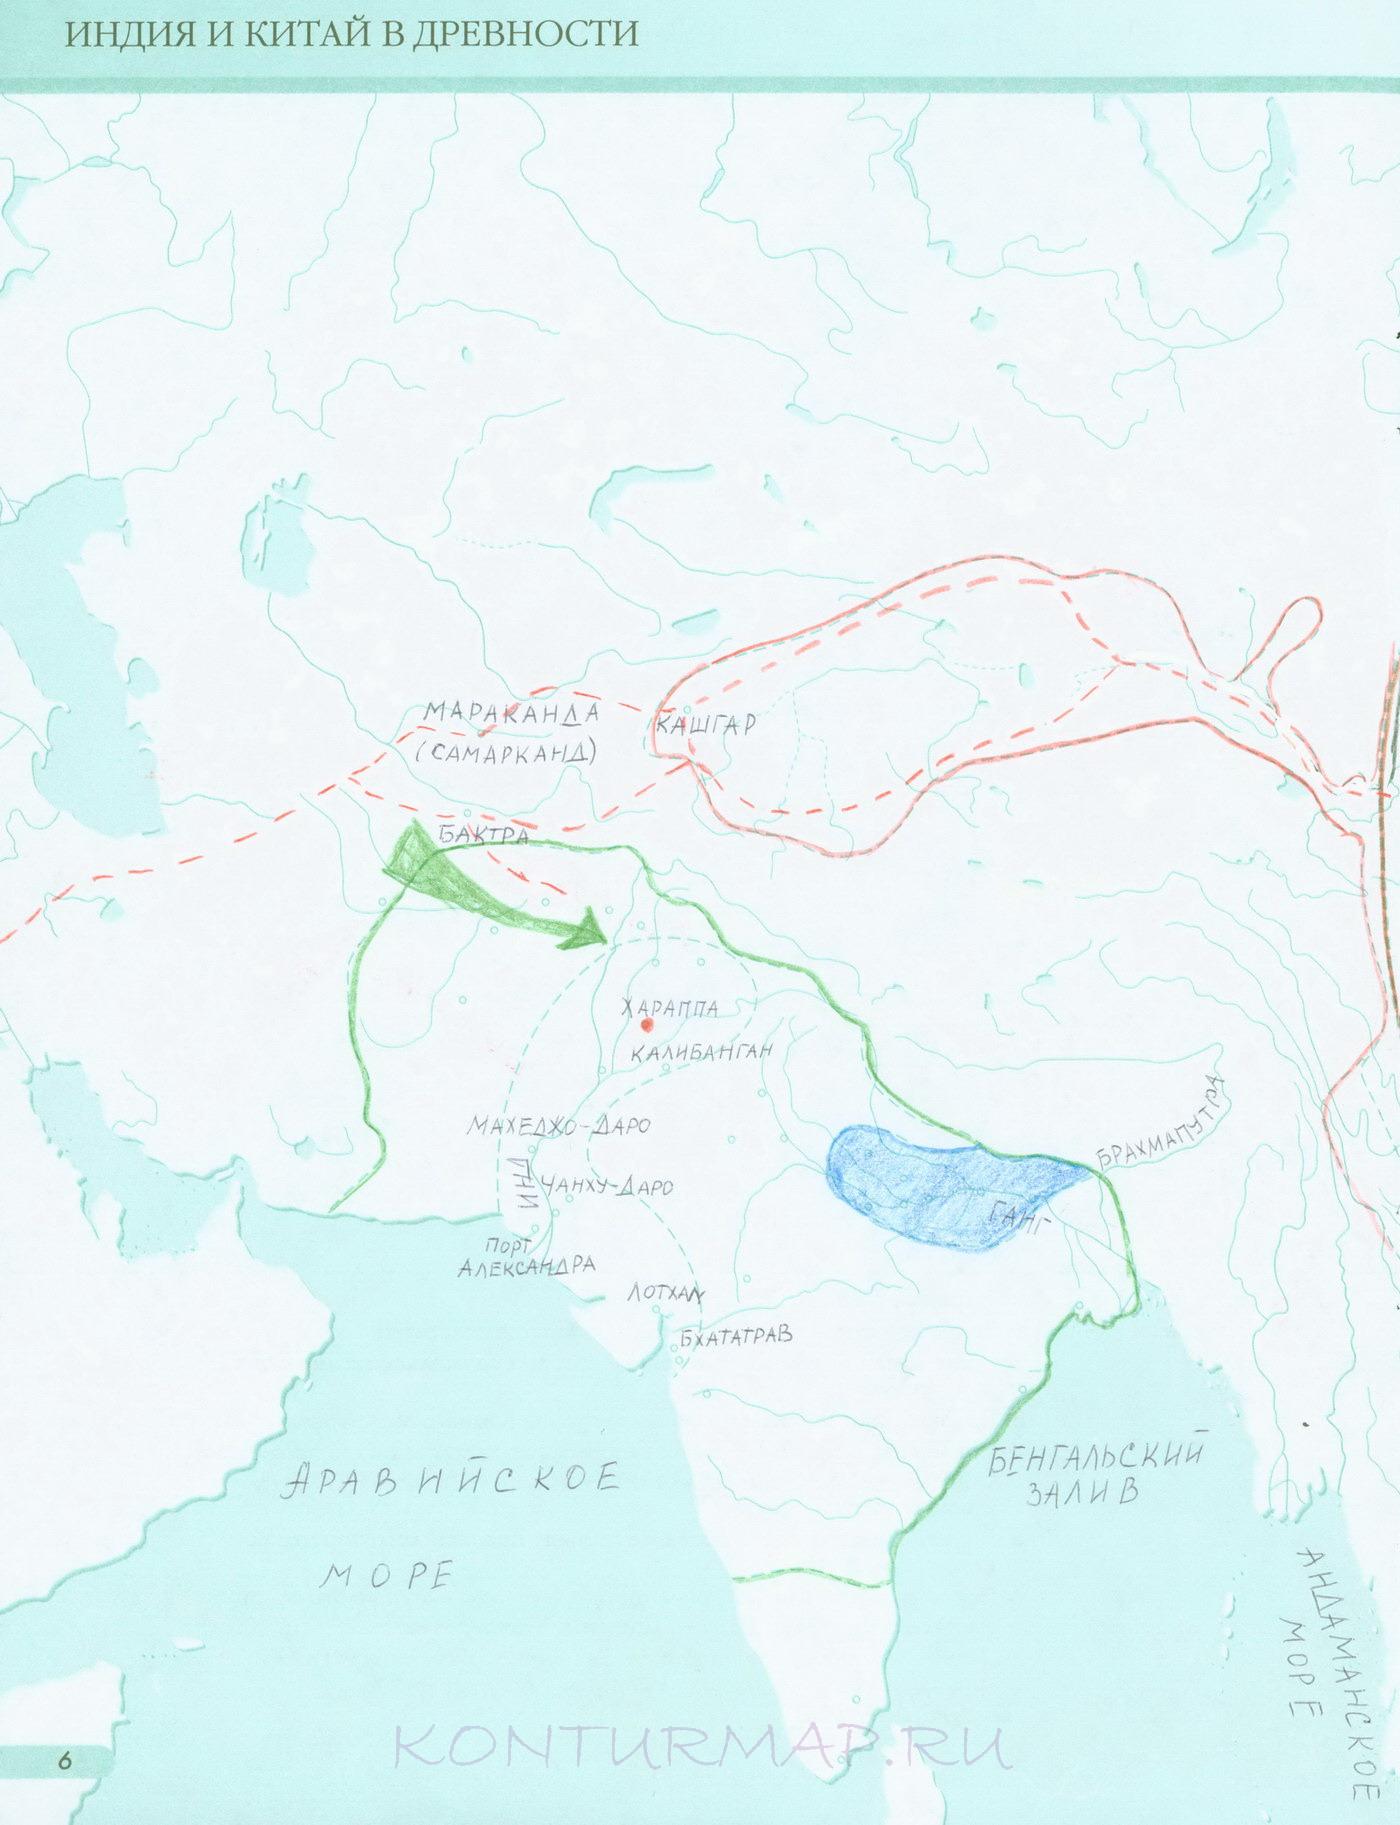 Контурная карта с заданиями история древнего мира 5 класс индия и китай в древности